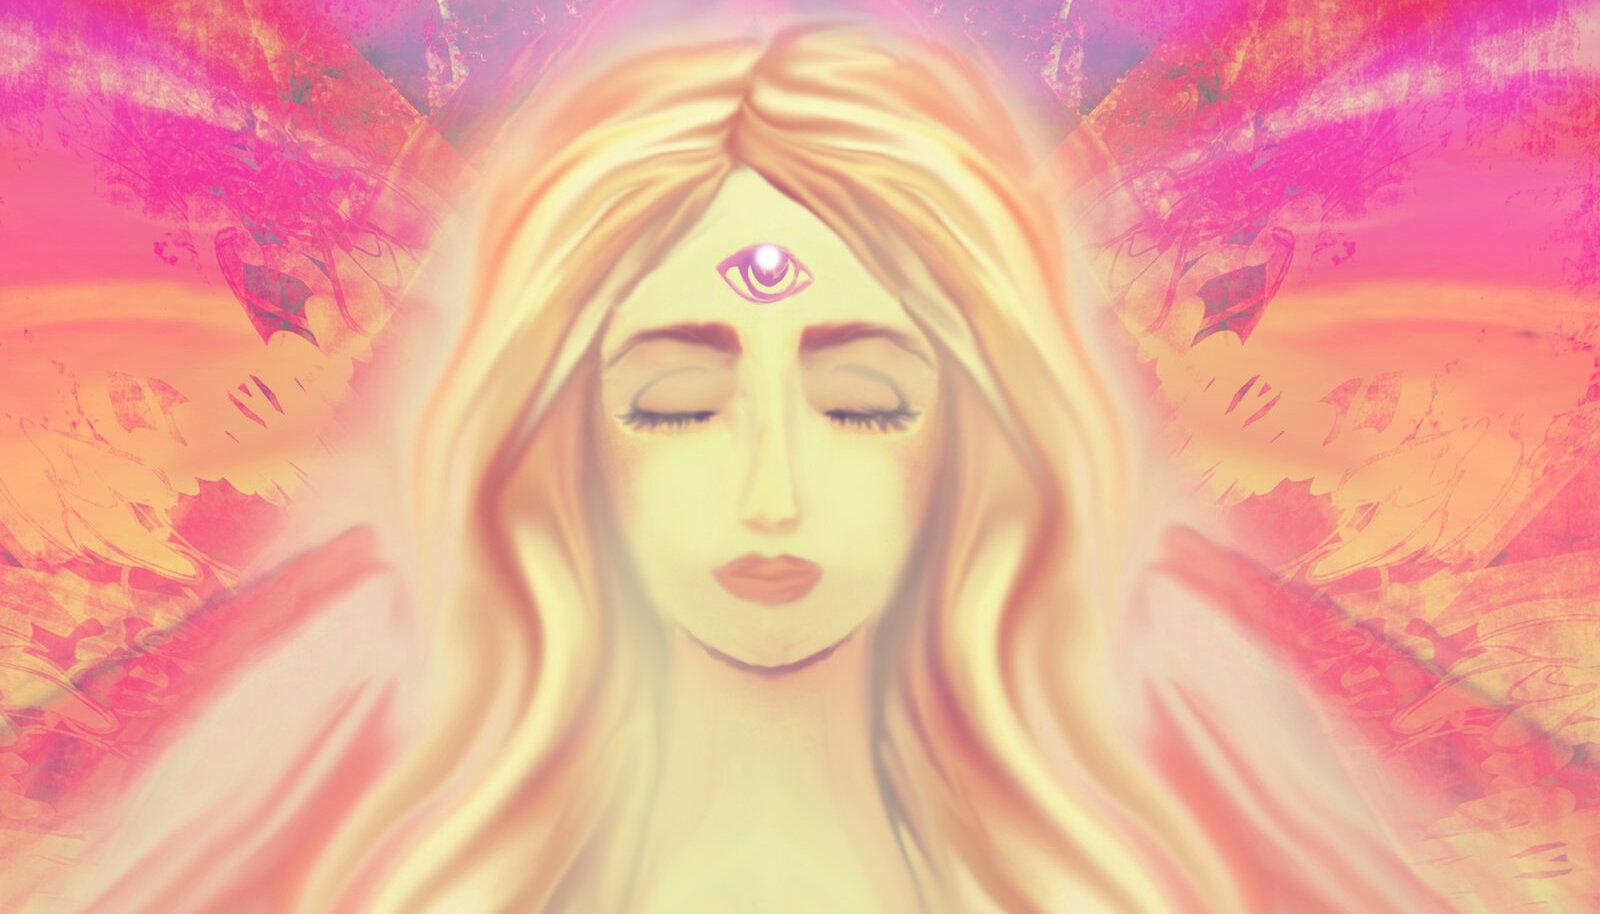 Pea-tasand on ego jaoks turvaline. Südame-tasand pehmendab ego. Hinge-tasand lahustab ego